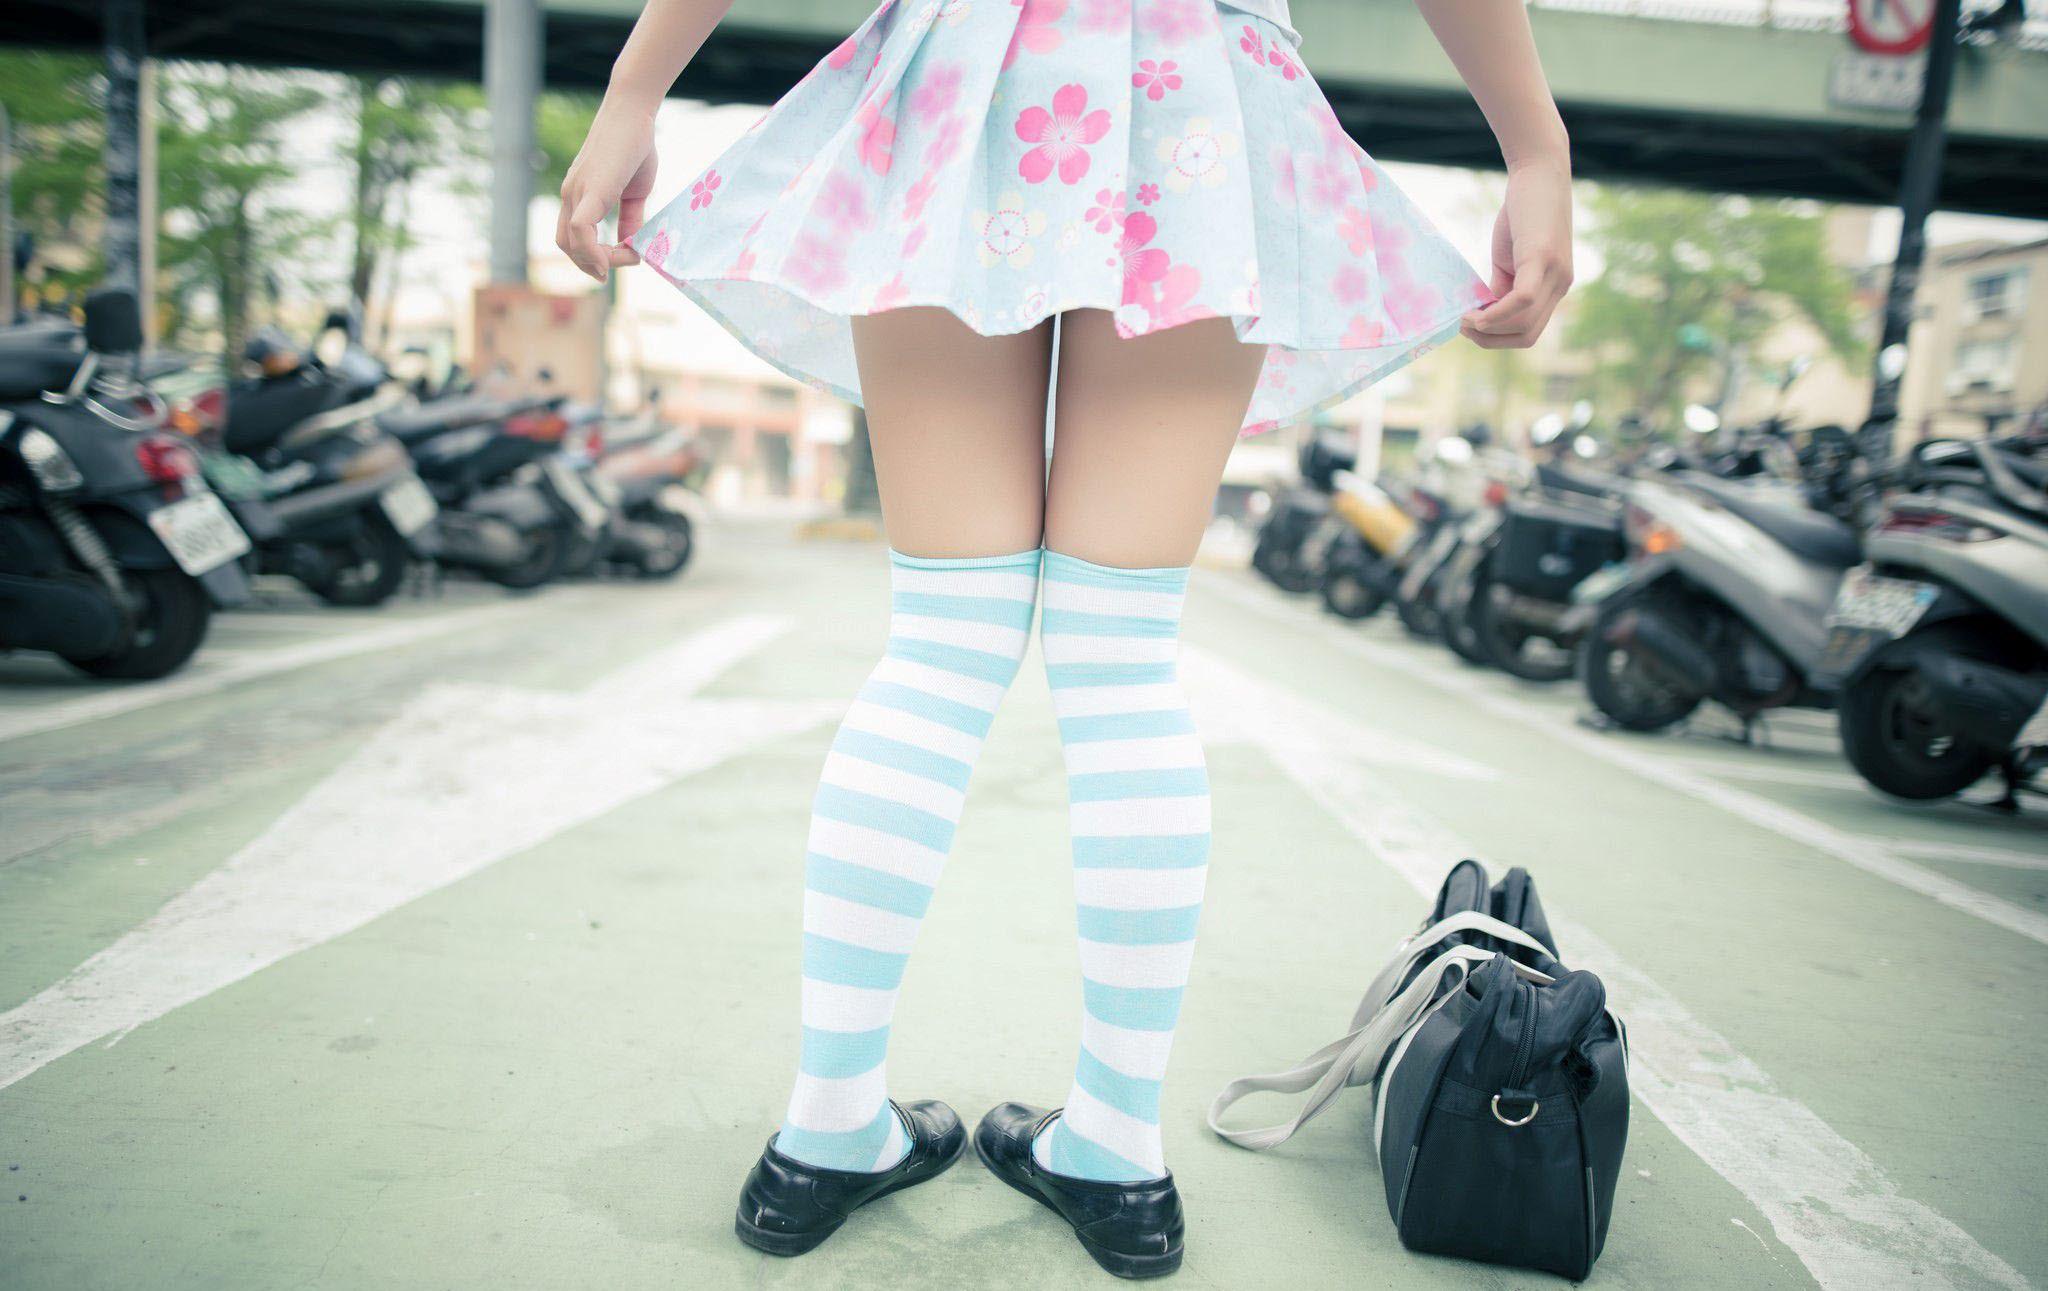 【兔玩映画】腿控福利-杂图集锦 兔玩映画 第48张